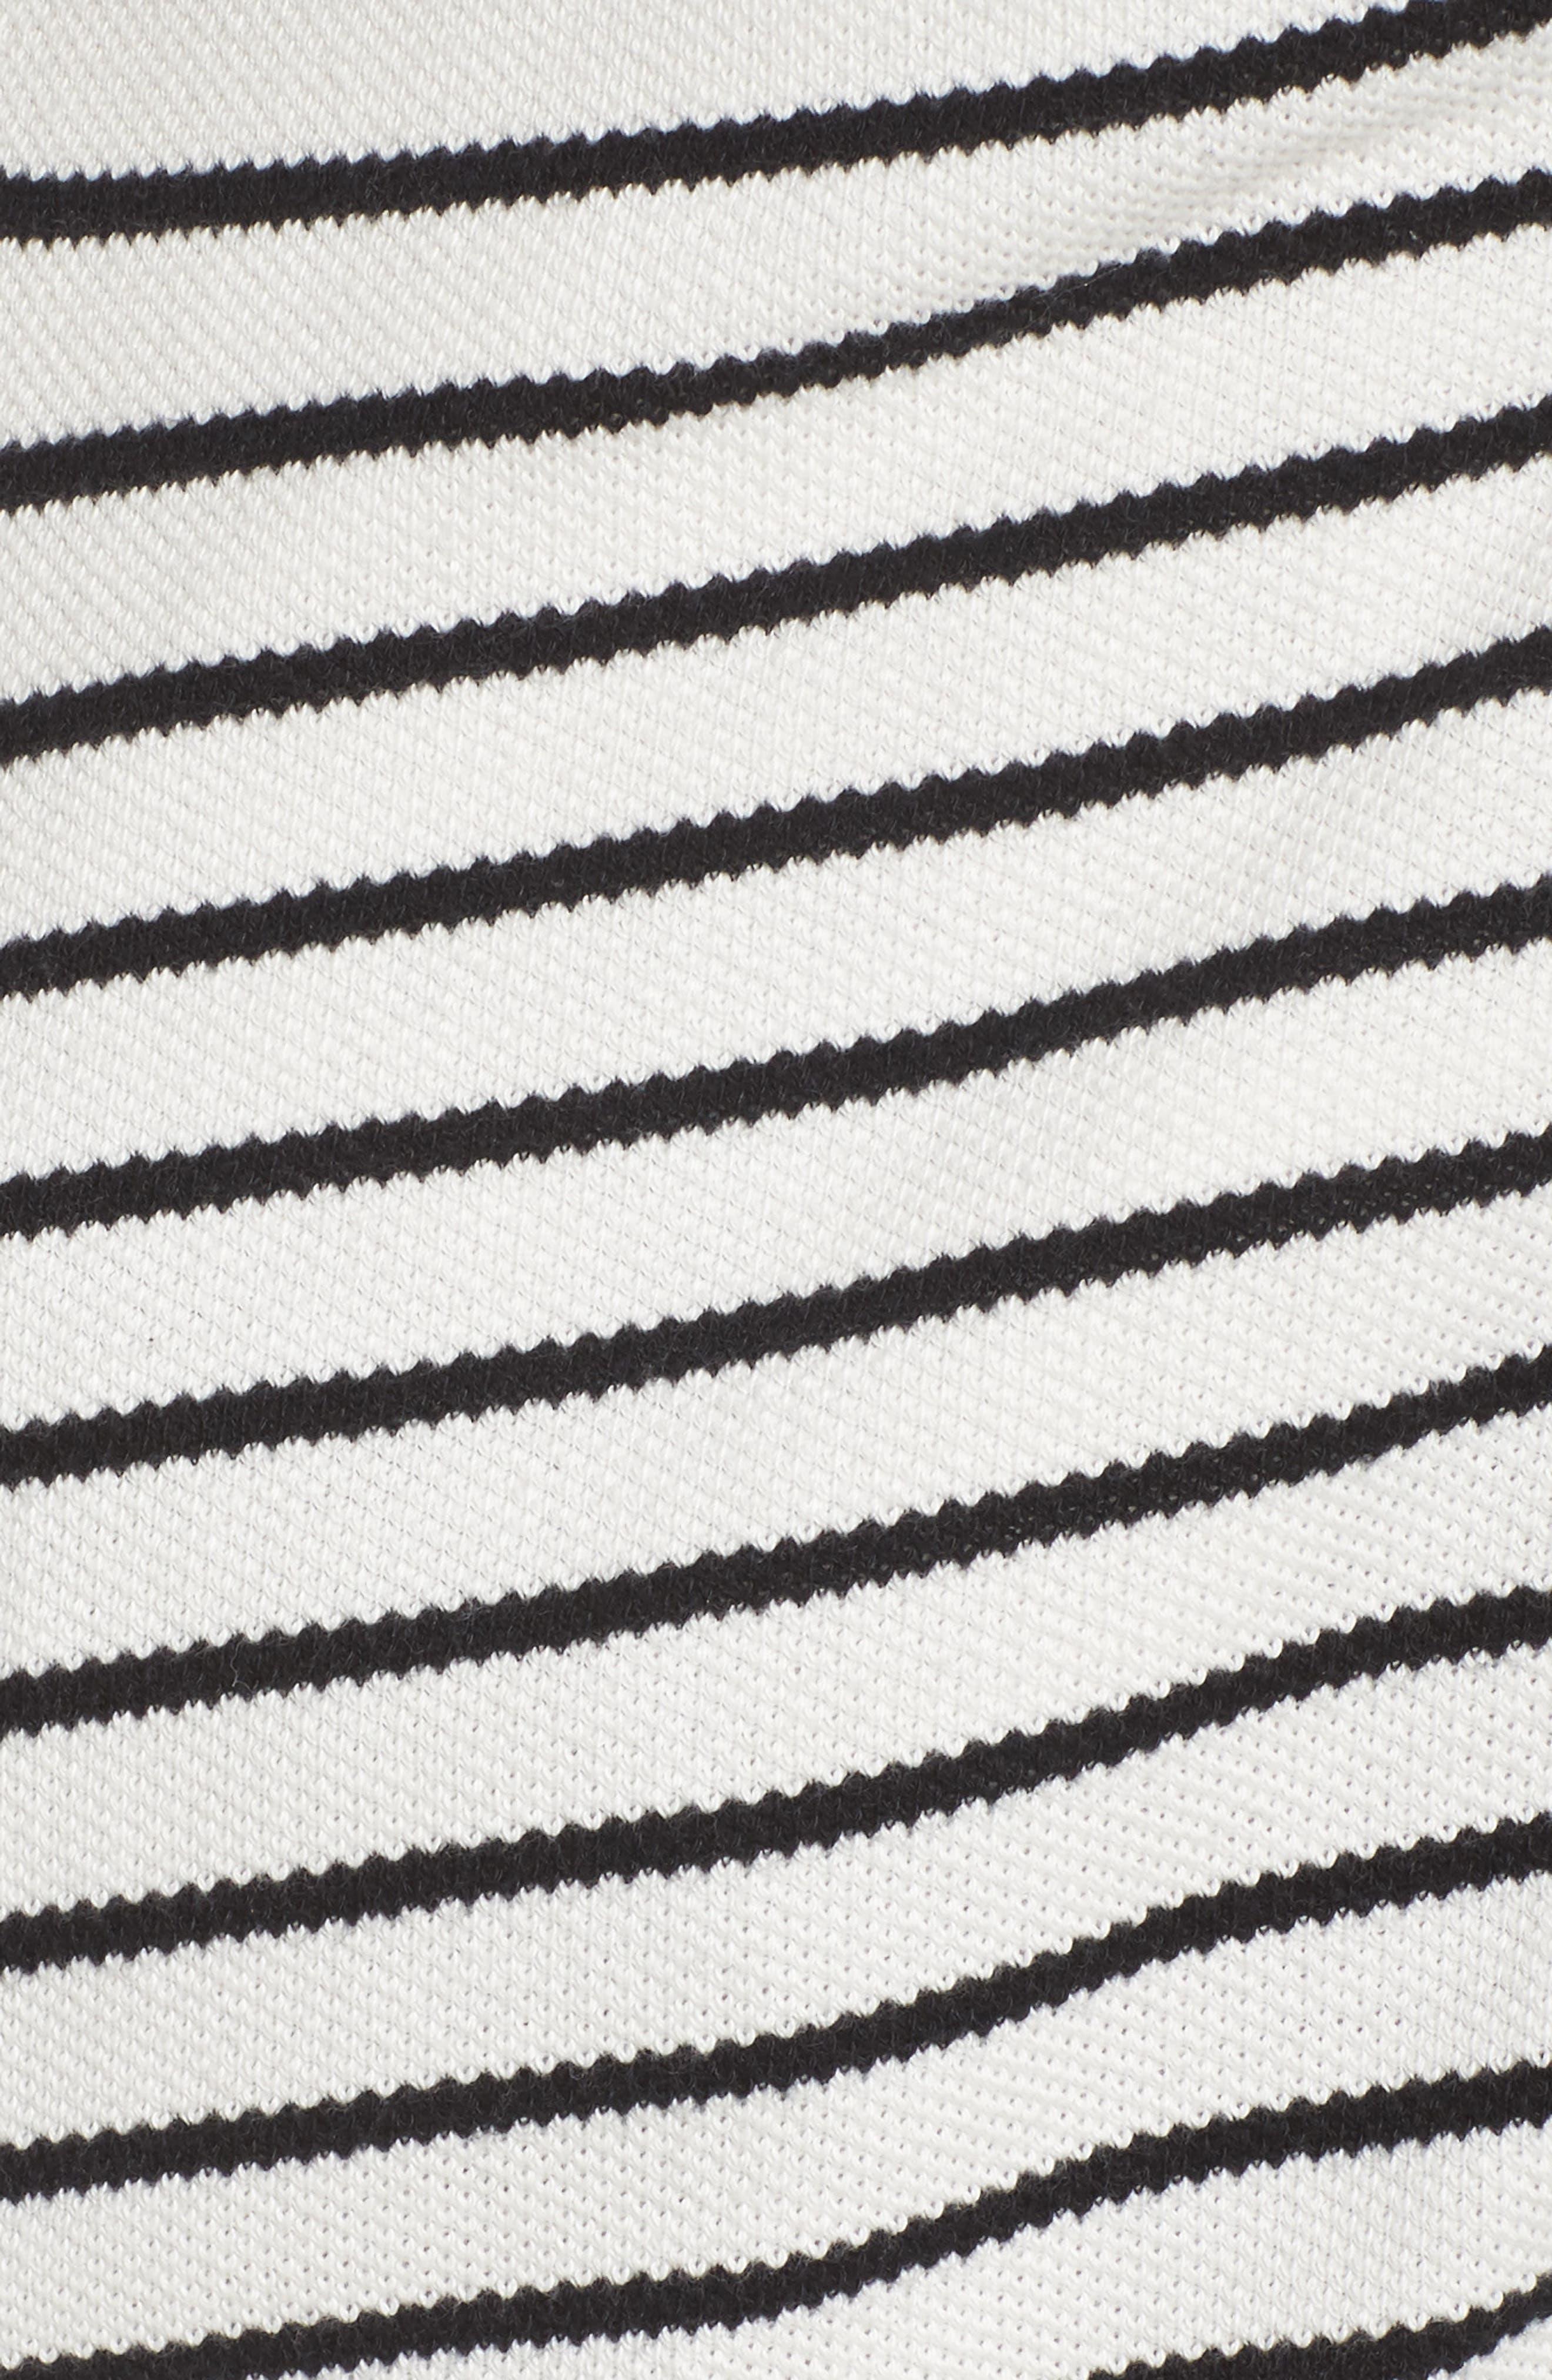 Stripe Peacoat Knit Jacket,                             Alternate thumbnail 6, color,                             Ivory- Black Stripe